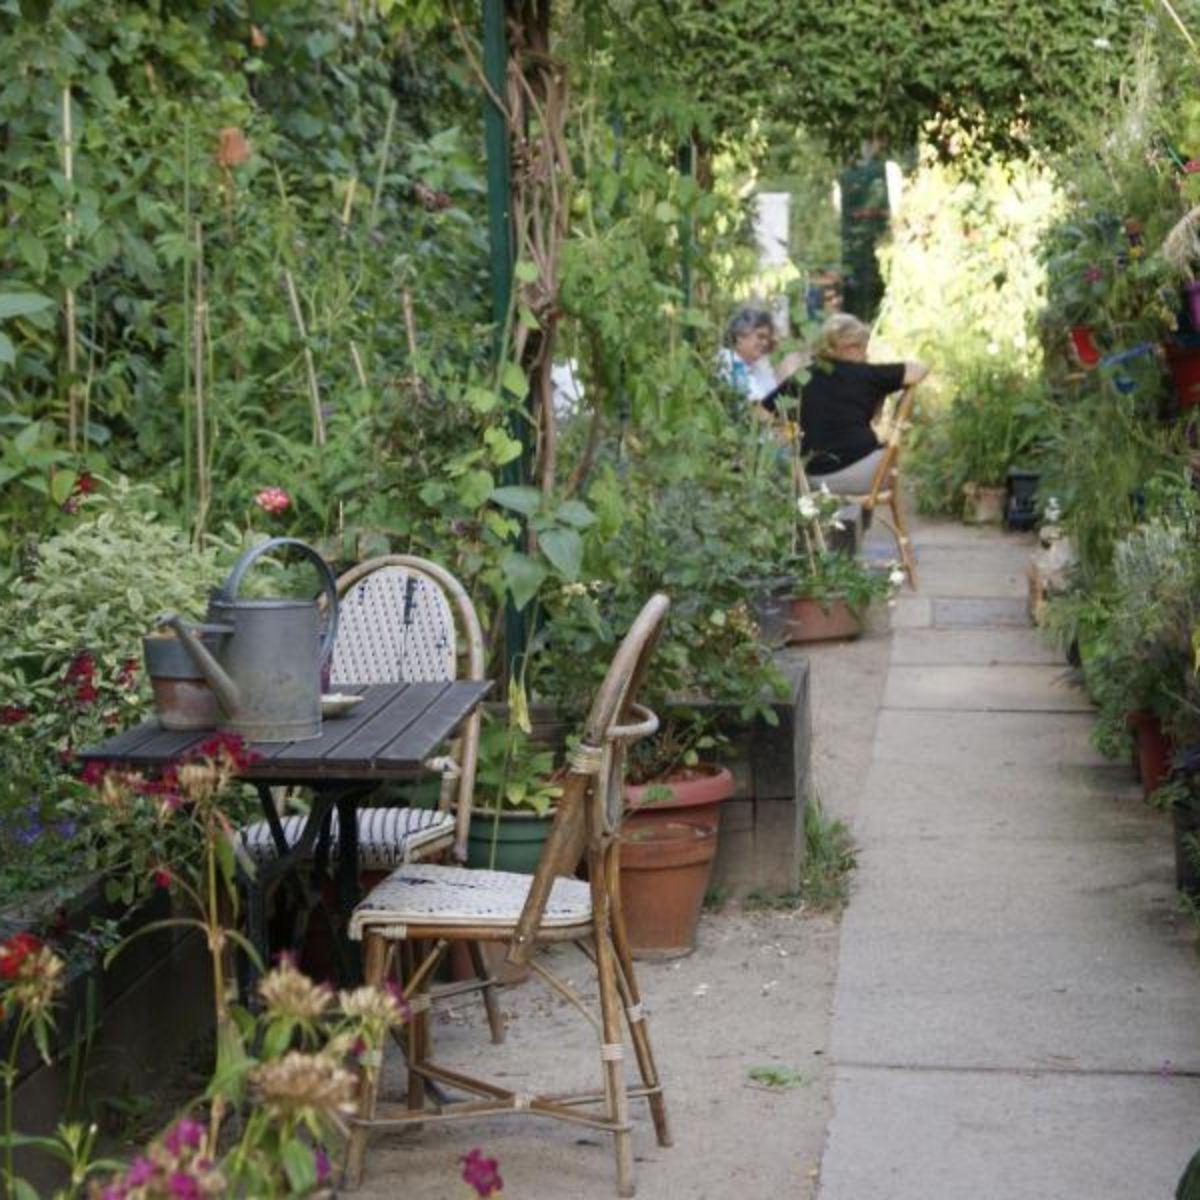 Streitfall Mehrfamilienhaus Gartennutzung Muss Geregelt Werden N Tv De